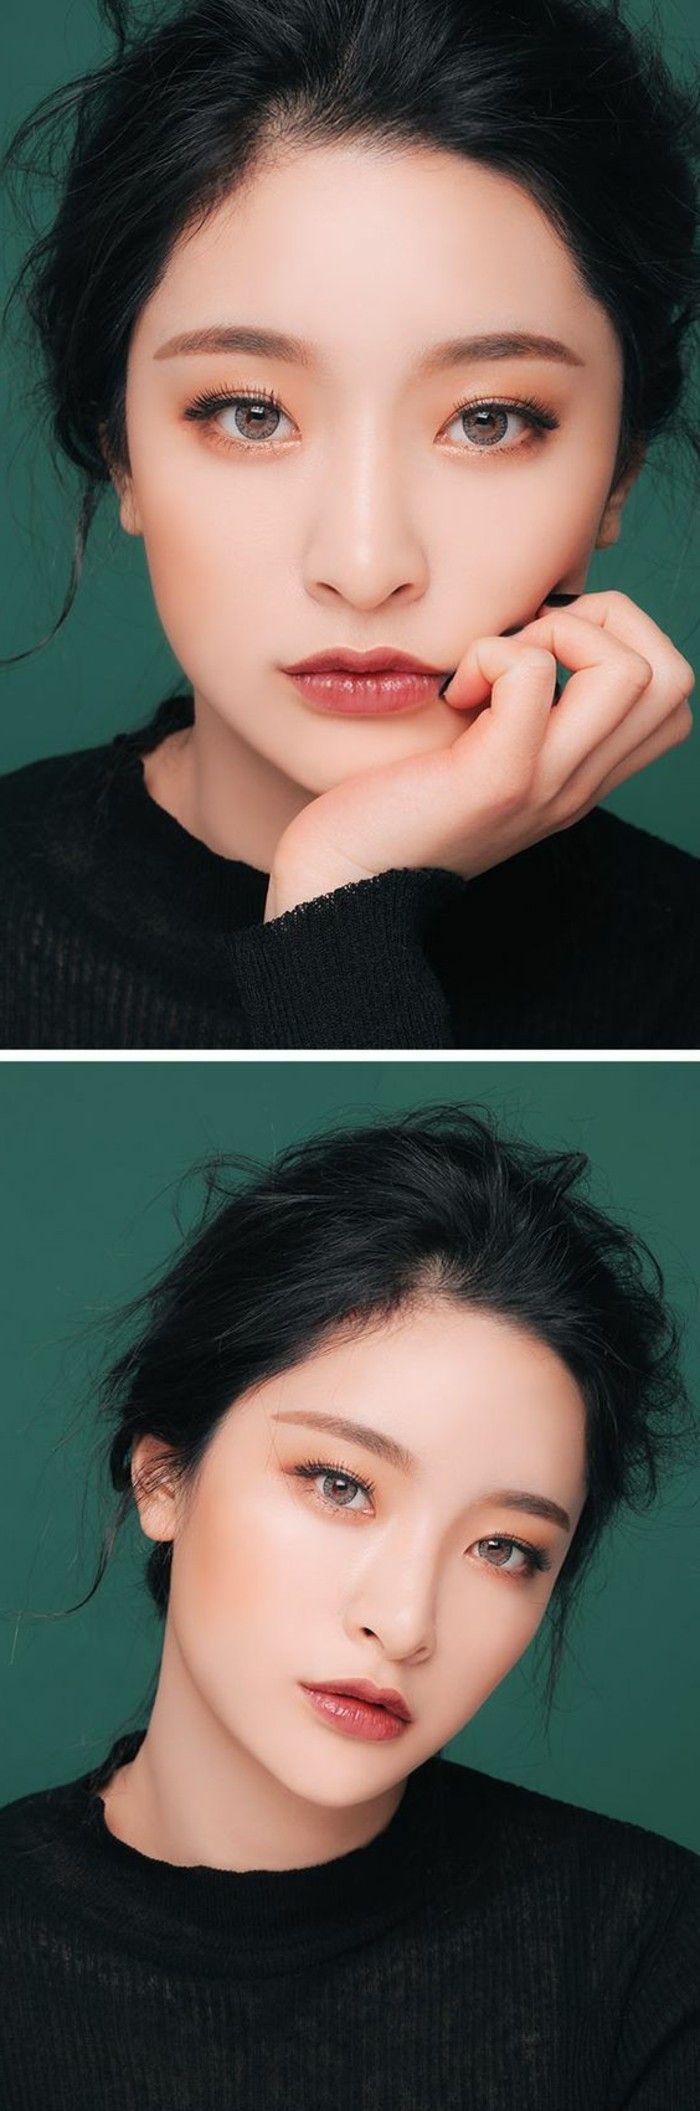 comment choisir le bon maquillage yeux asiatique femme moderne maquillage yeux asiatique